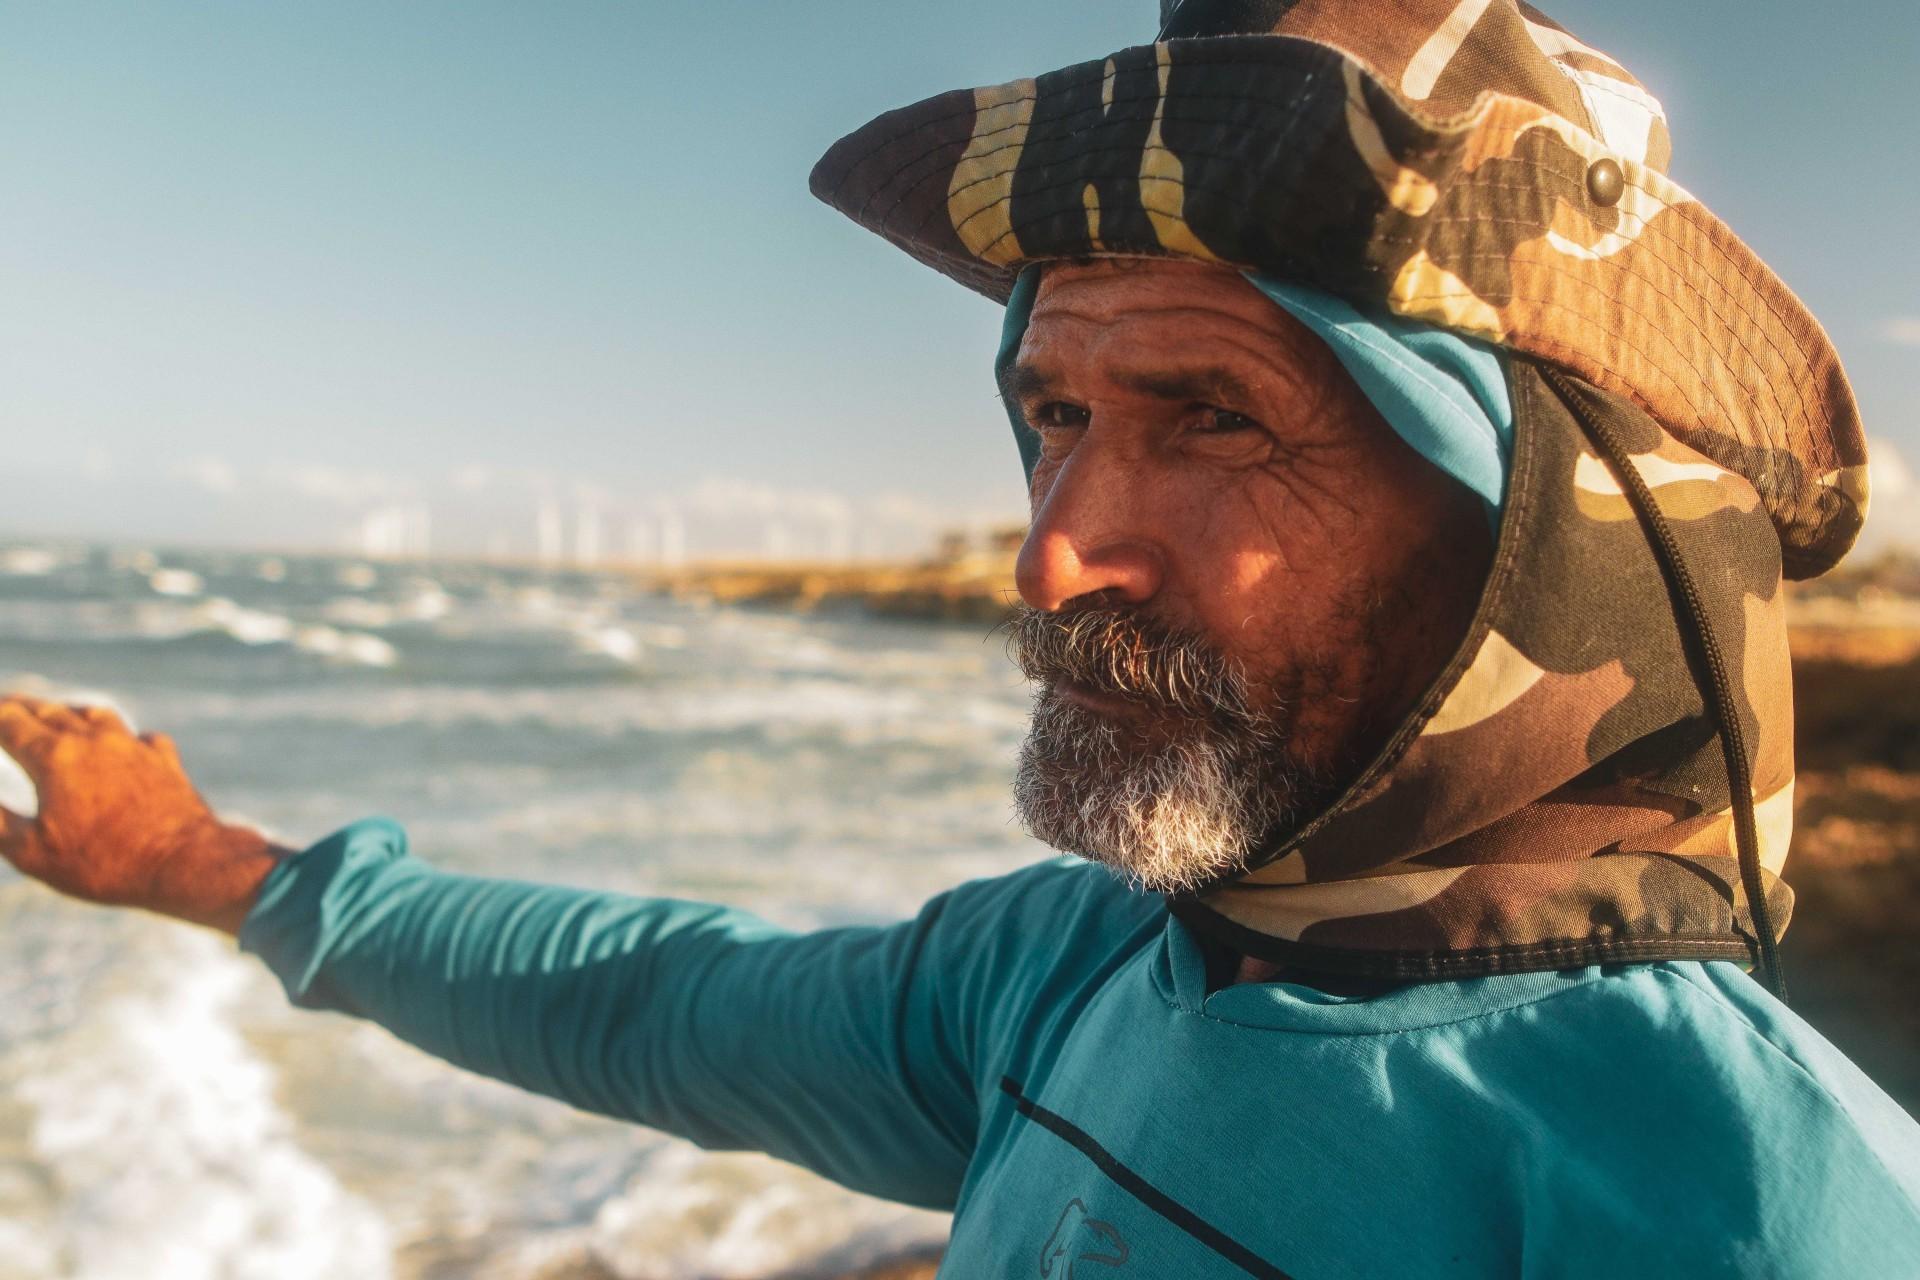 (Foto: FCO FONTENELE/O POVO)Fortim, Ce, BR - 12.08.21 Década dos Oceanos - Praia de Pontal de Maceió no município de Fortim, Na foto José Ferreira Monteiro, 55 anos  (Fco Fontenele/O POVO)